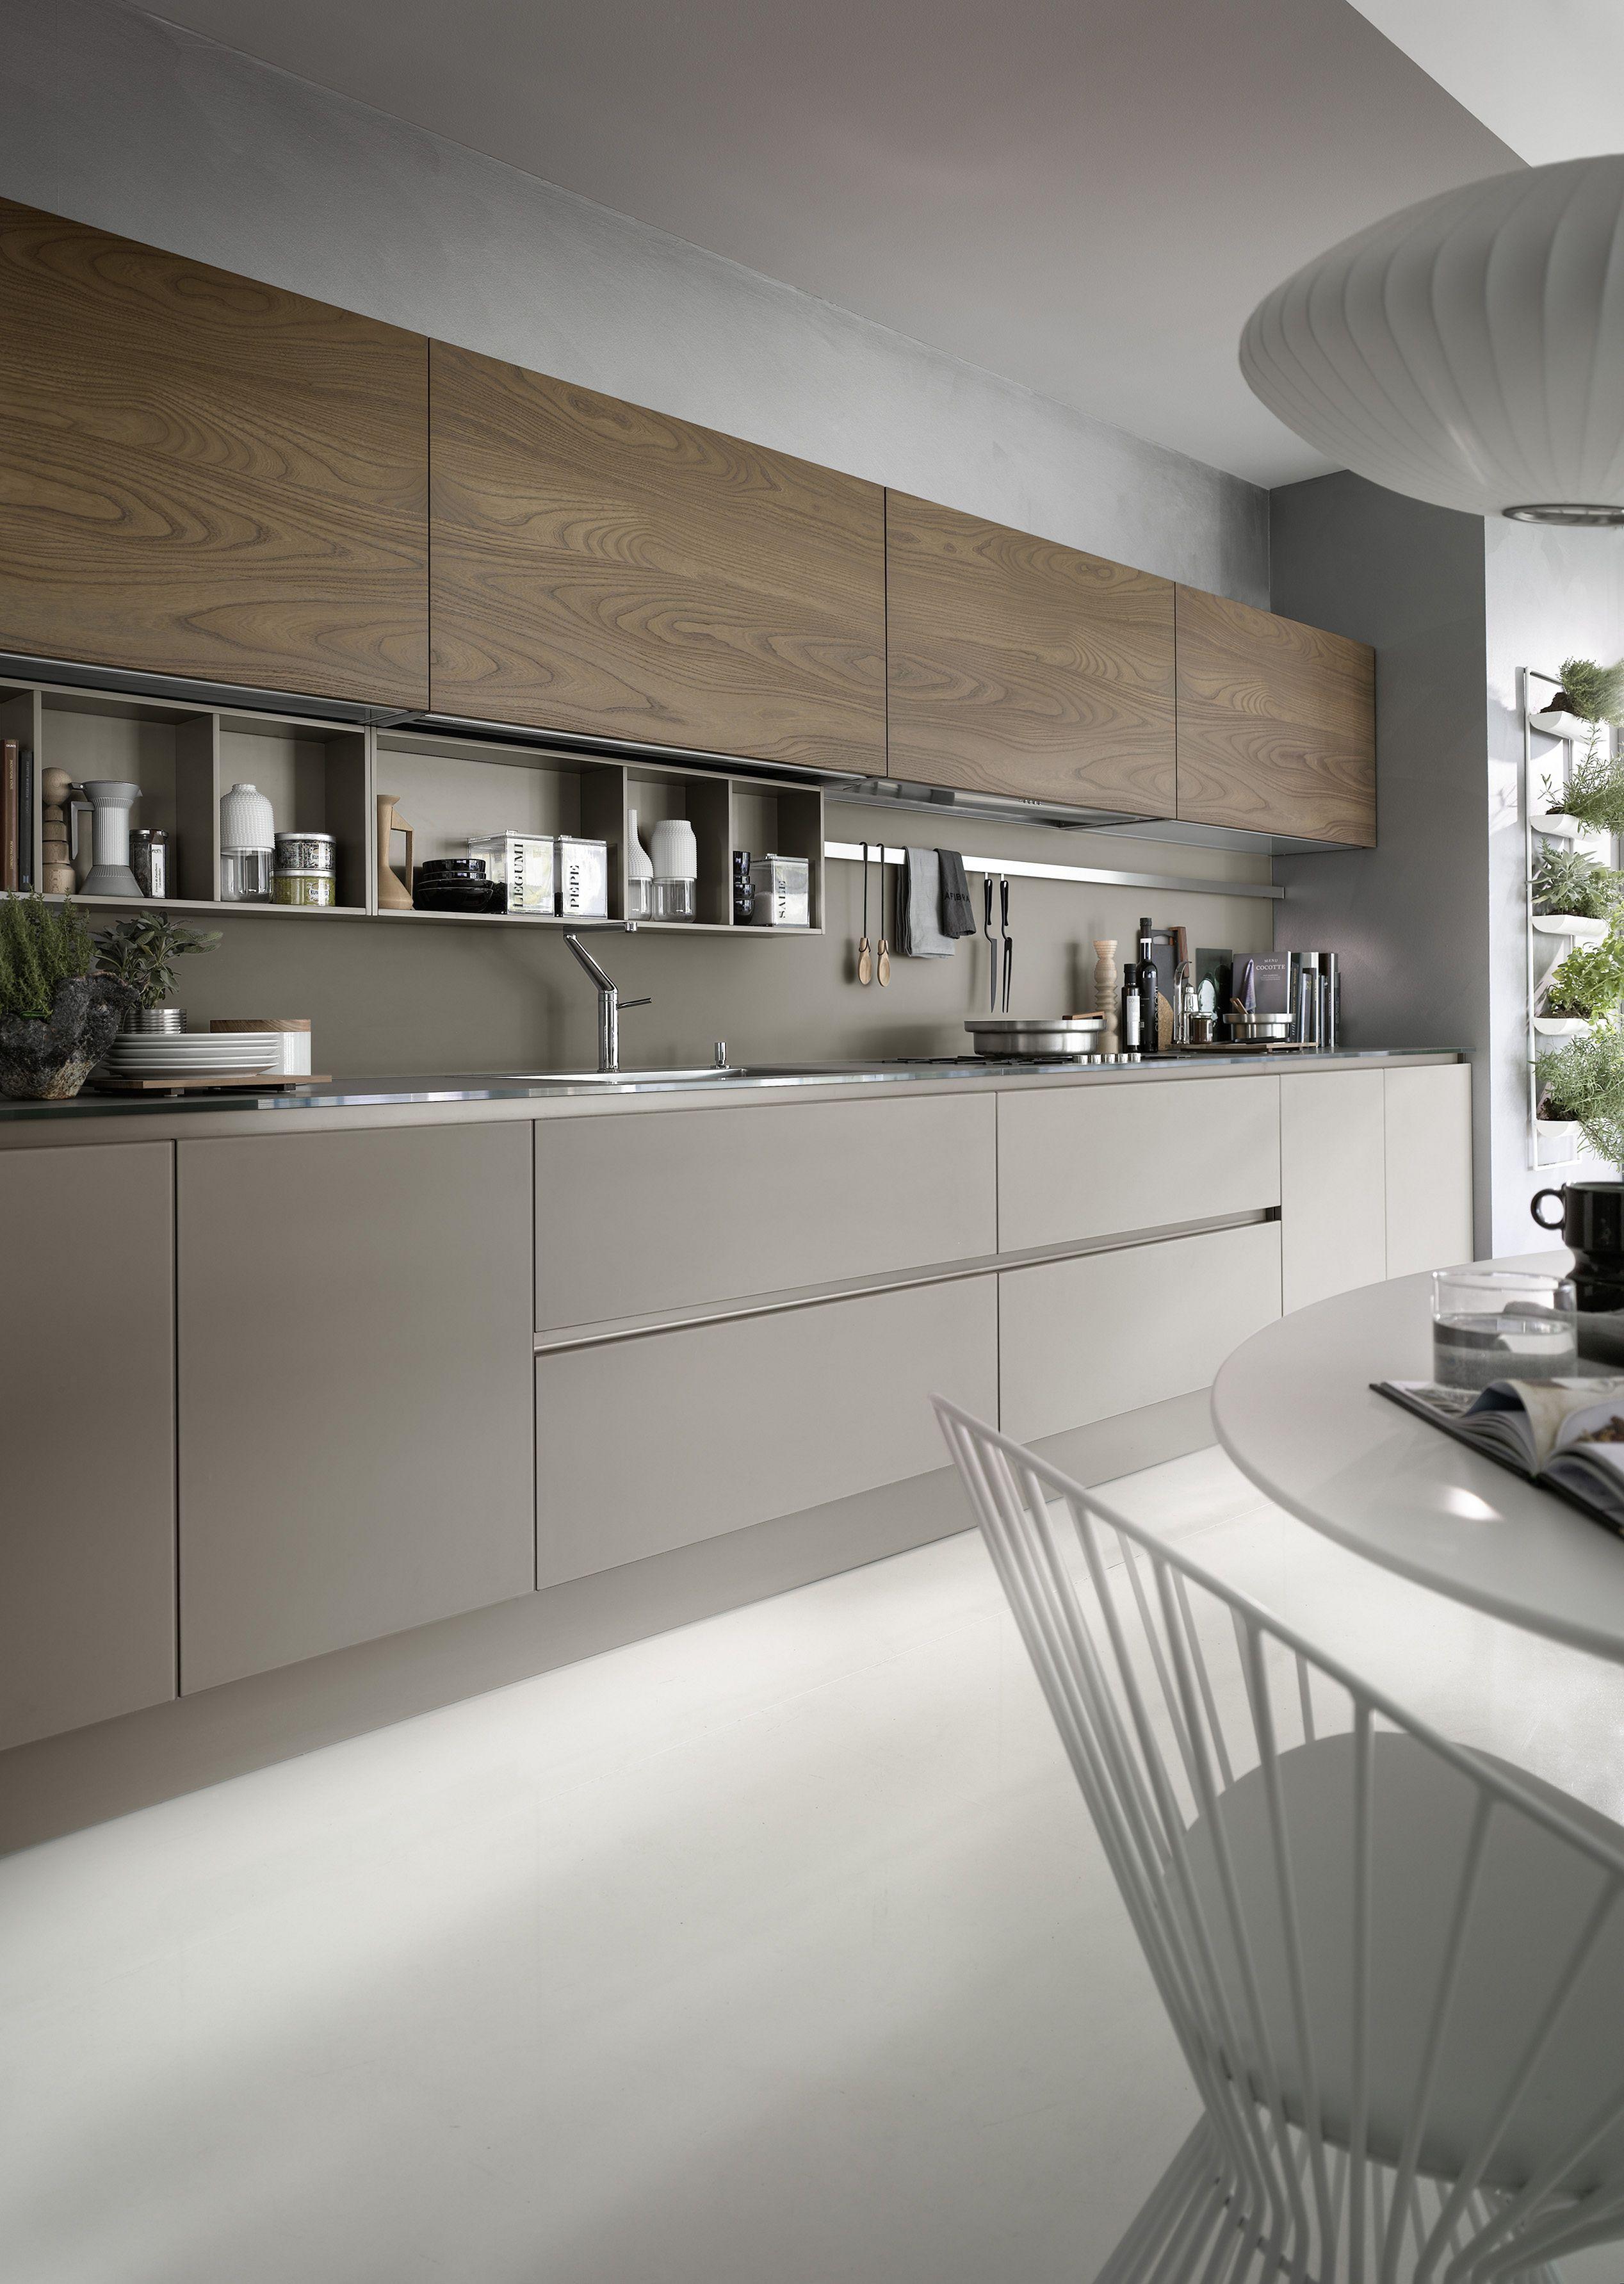 Genial Stylish Modern Kitchen Cabinet: 127 Design Ideas